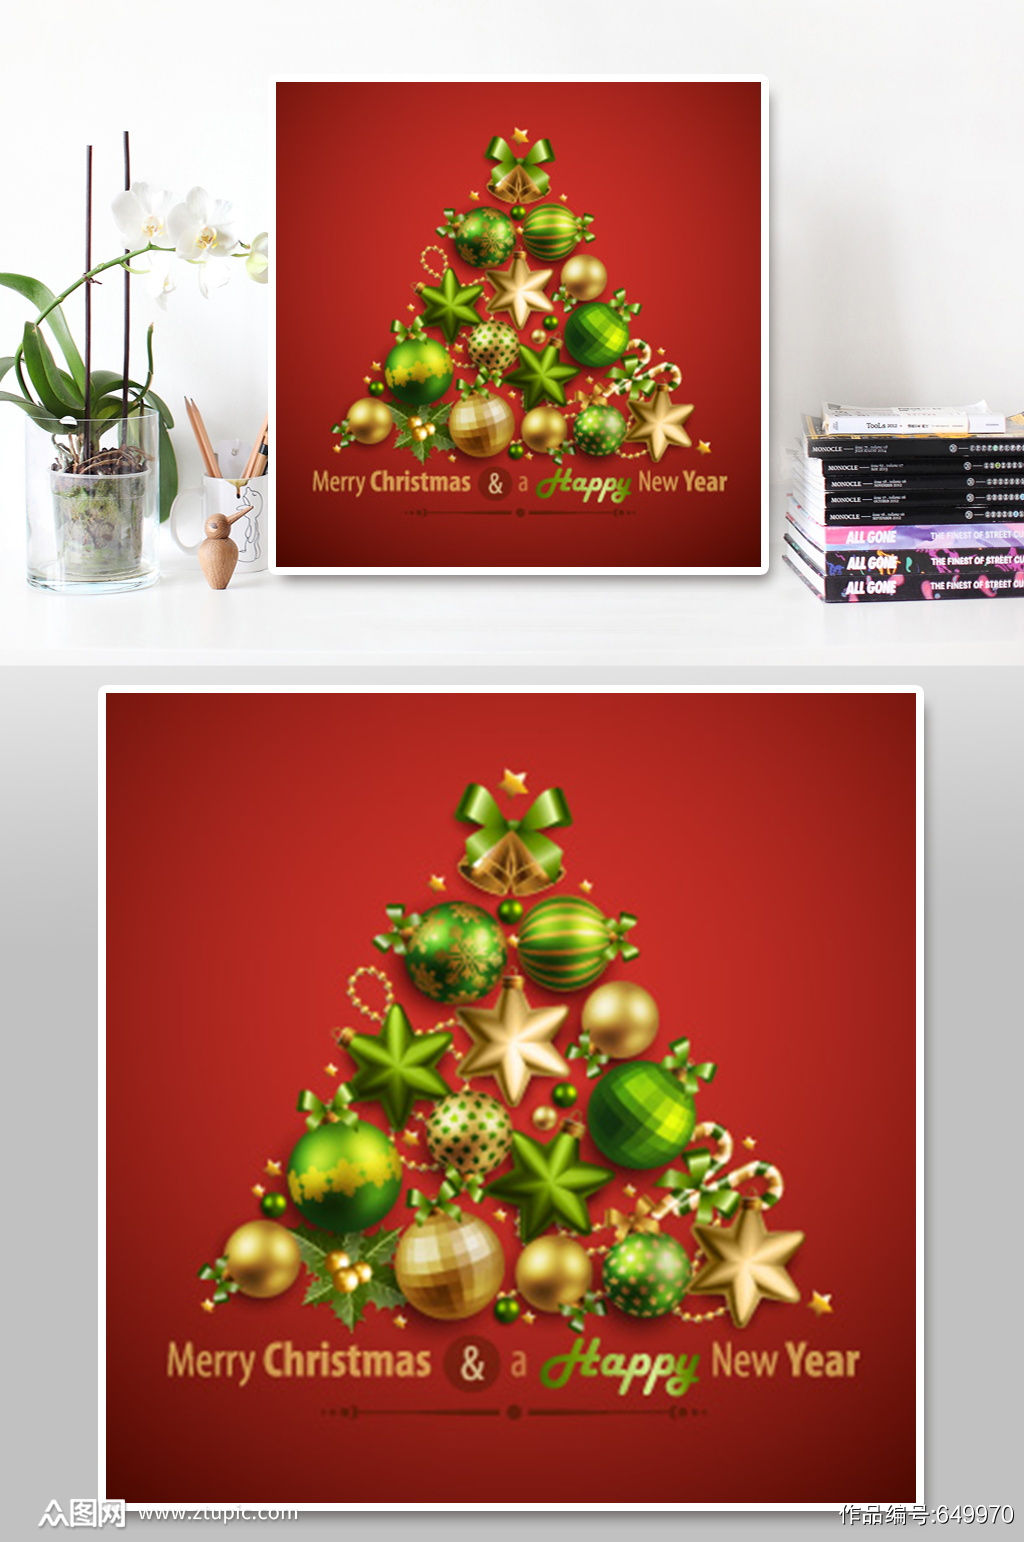 红色圣诞节背景素材素材